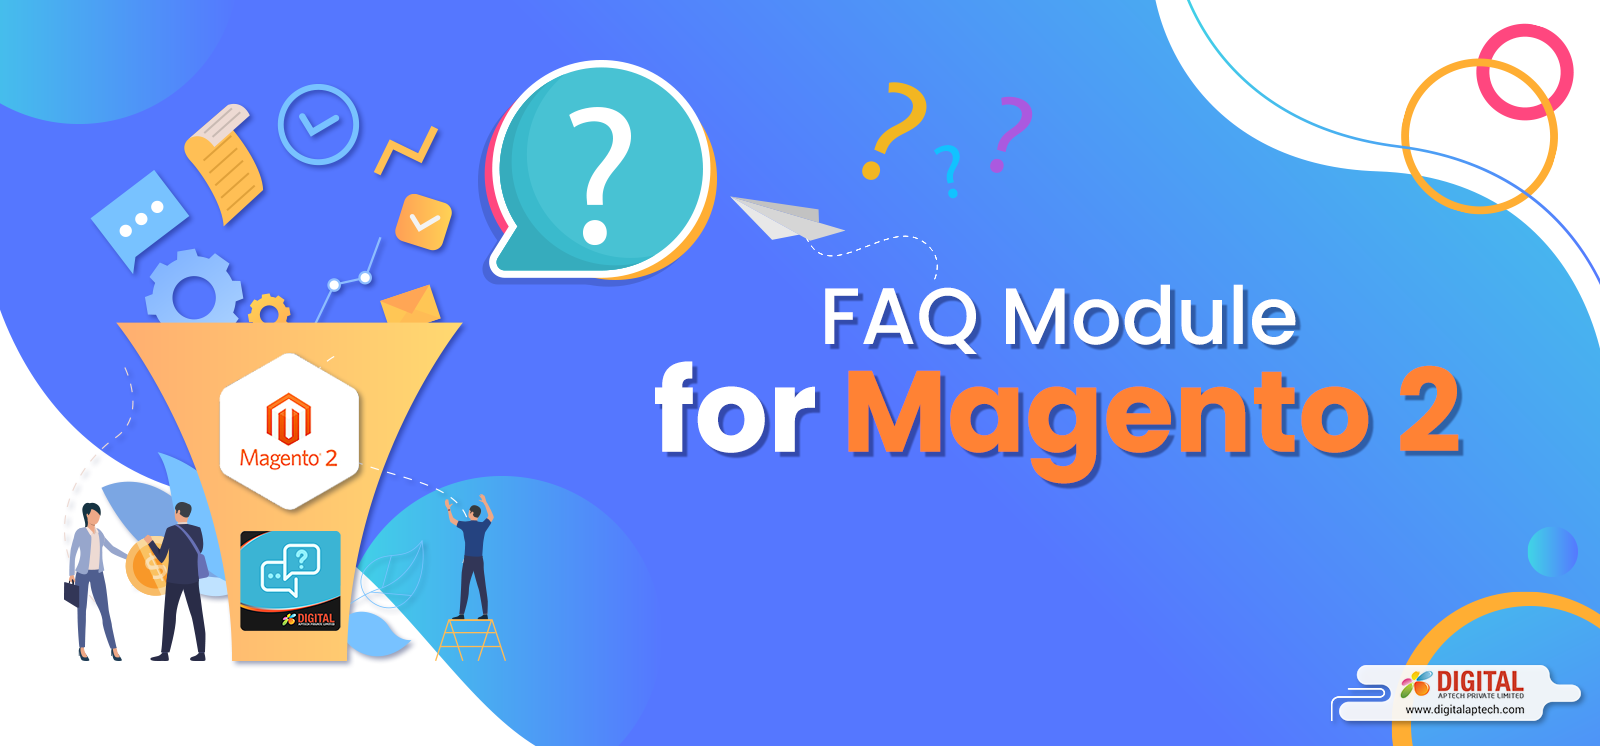 FAQ Module for Magento 2